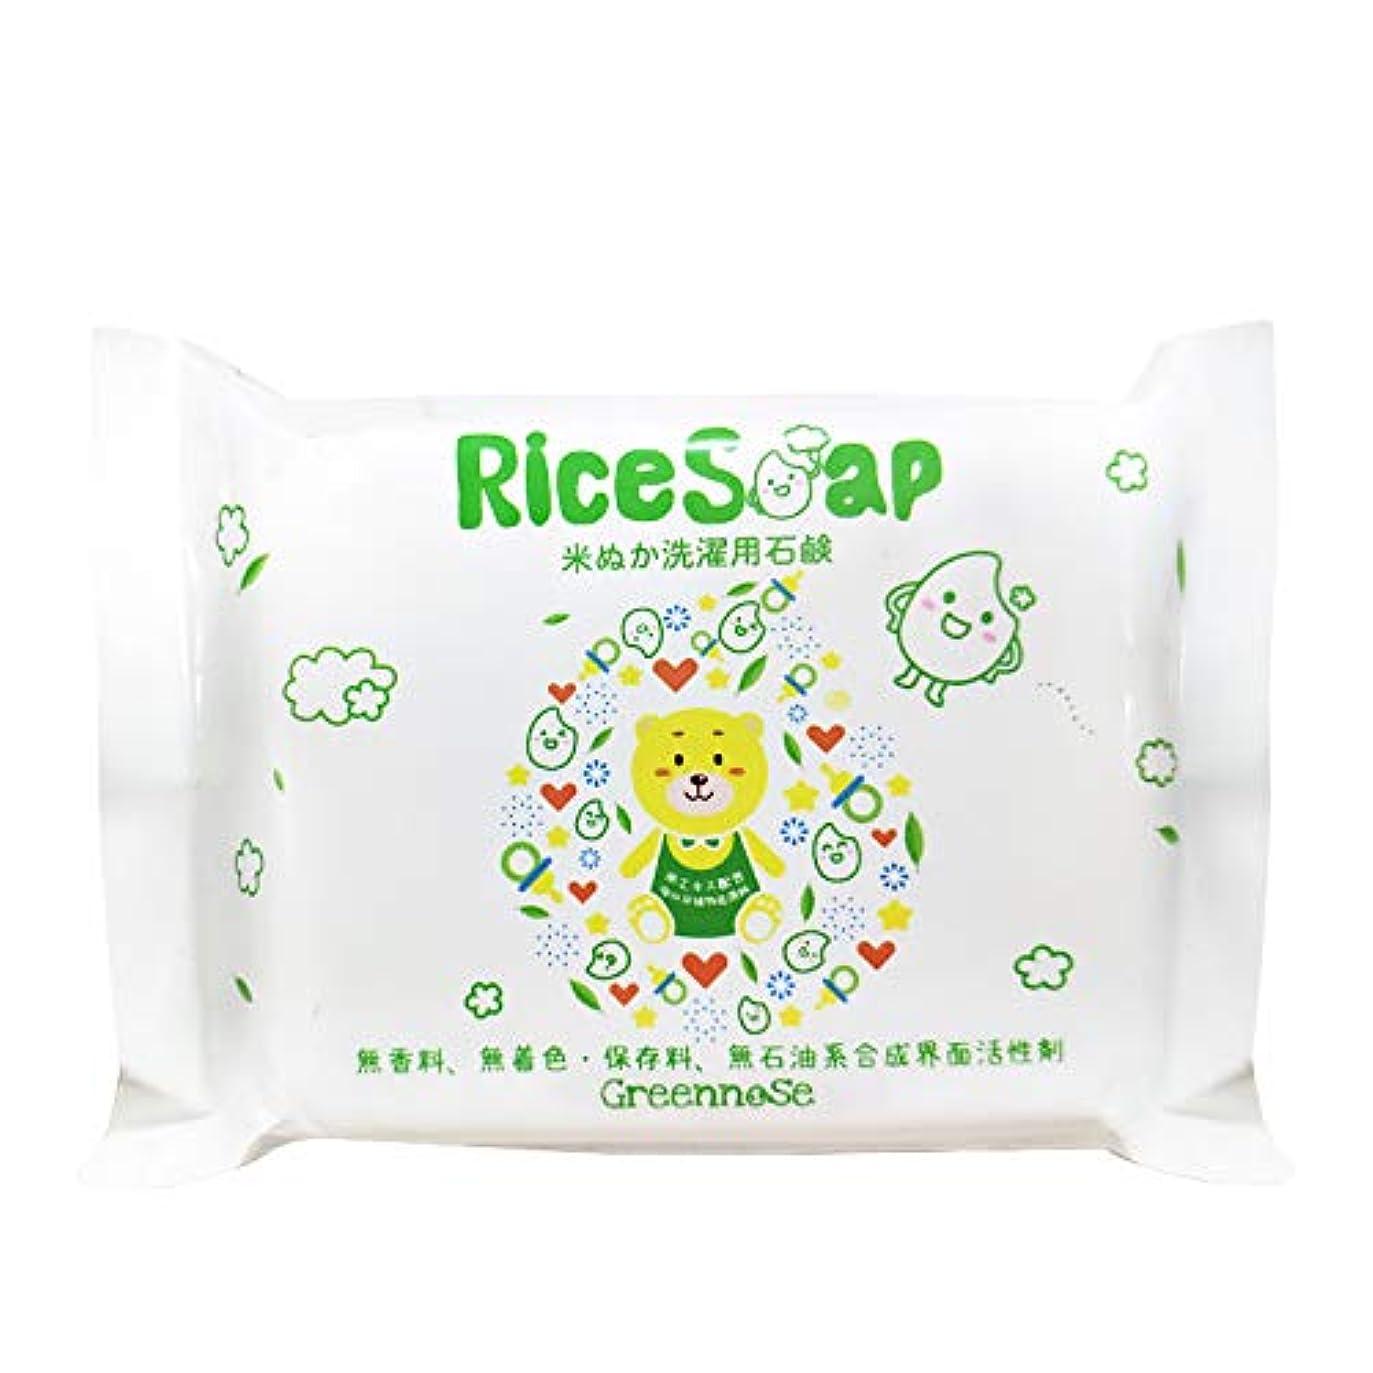 医薬品ファンネルウェブスパイダー効率GREENNOSE 米ぬか洗濯用石鹸 150g